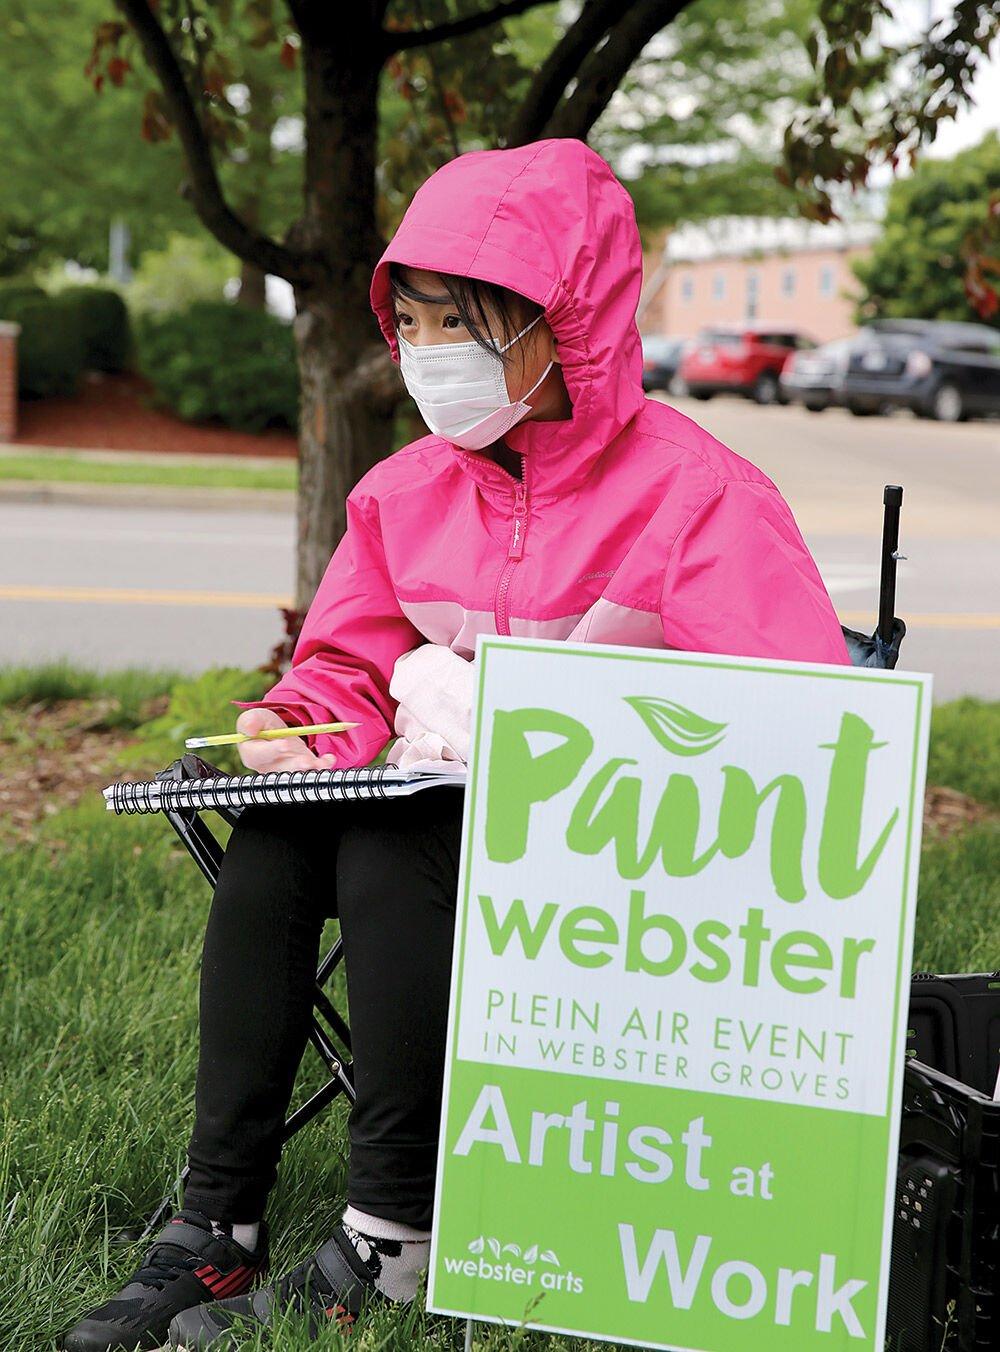 paintwebster3.jpg